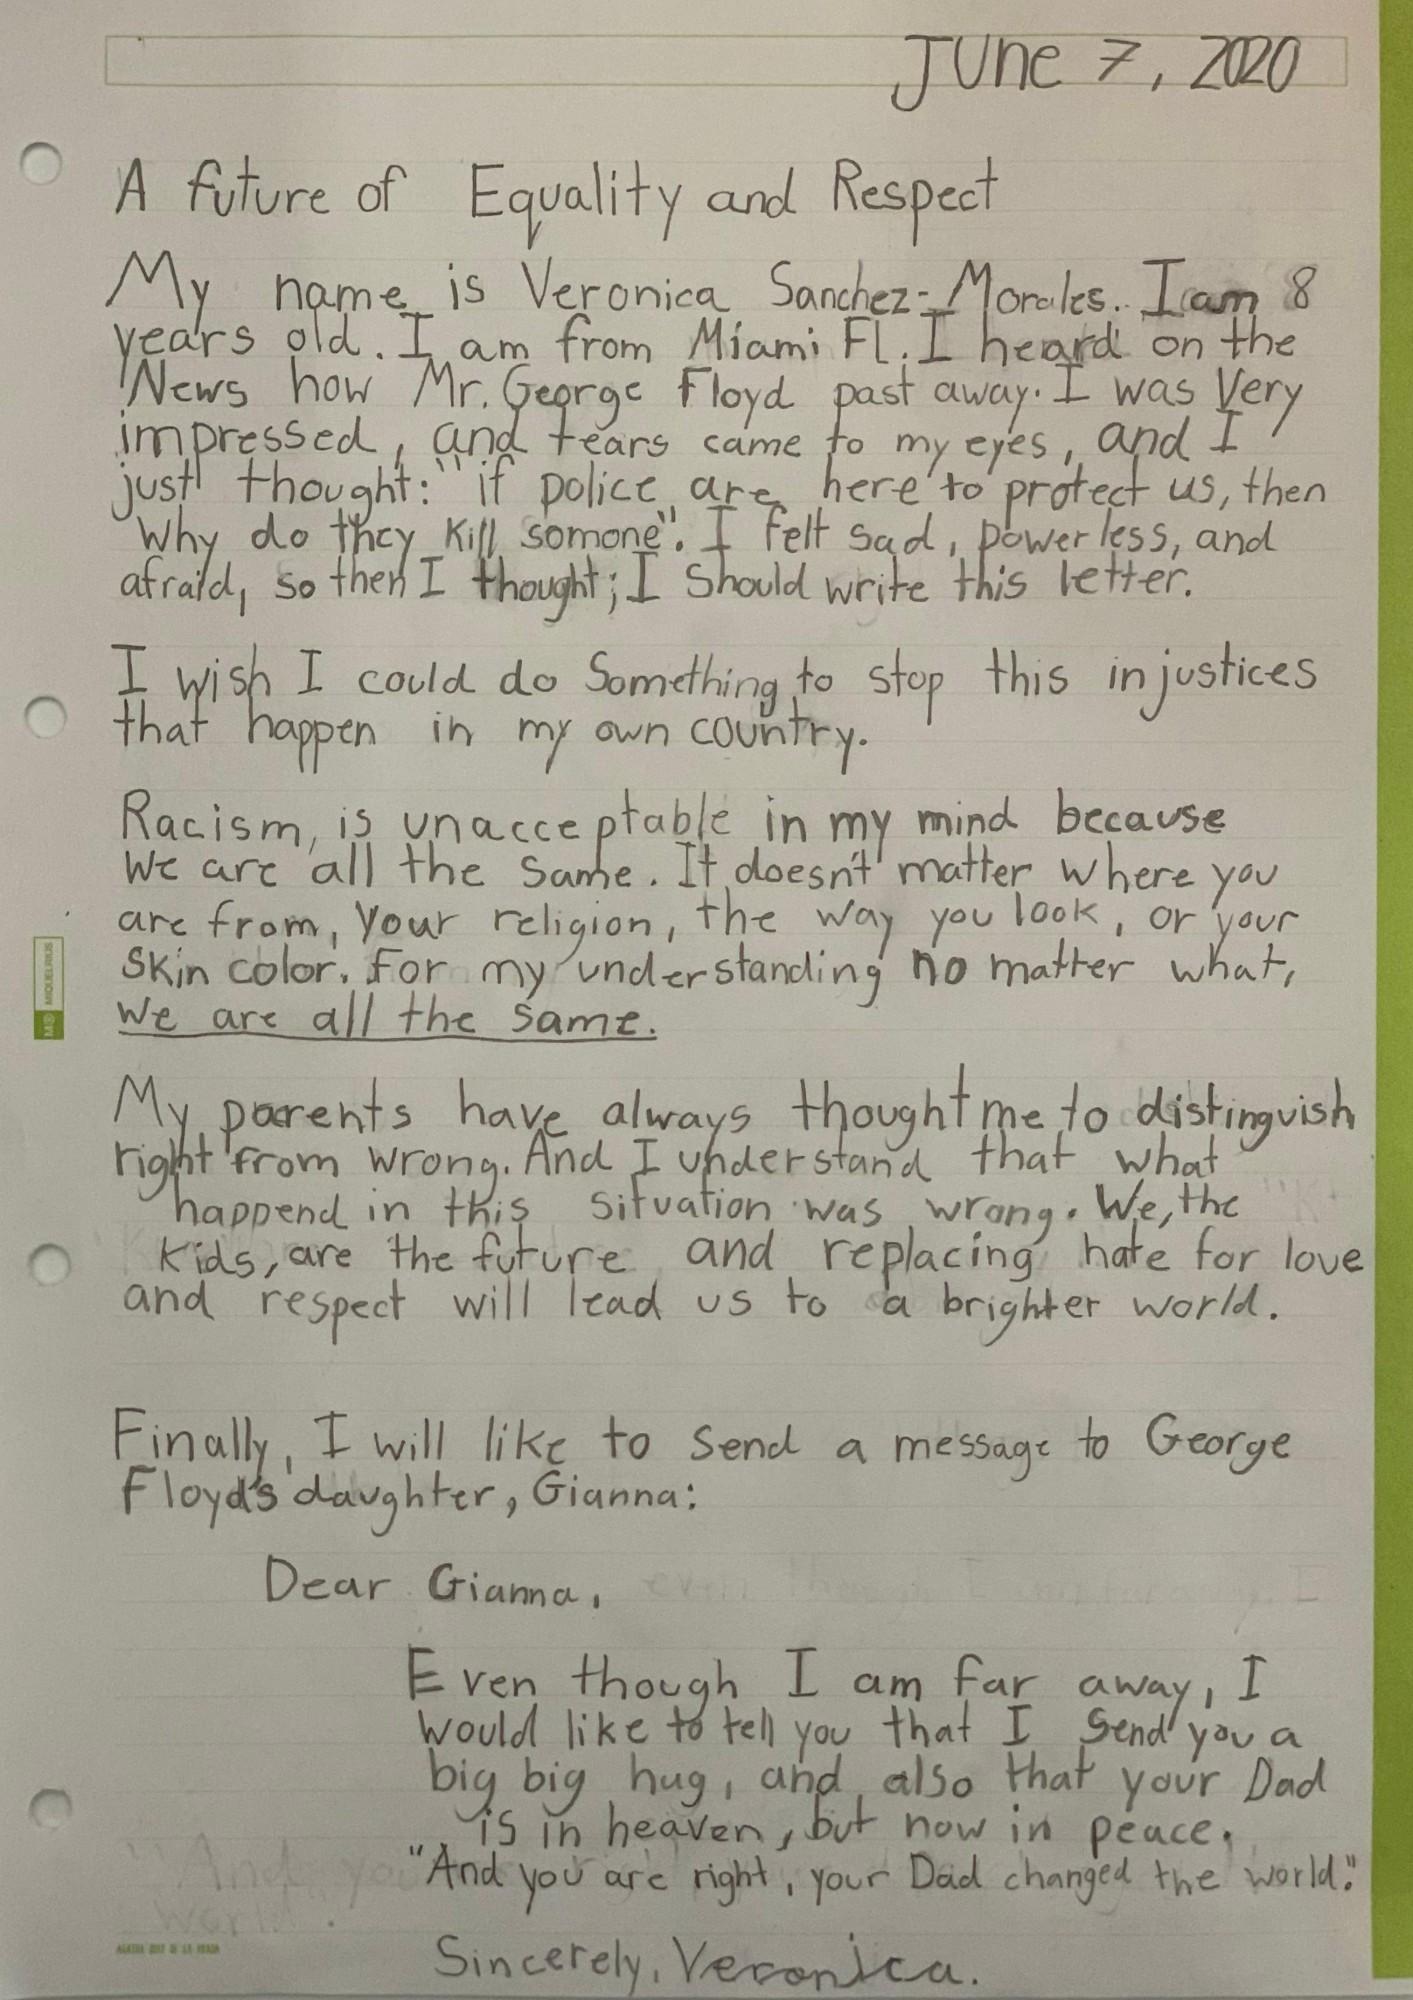 Veronica Sanchez Letter